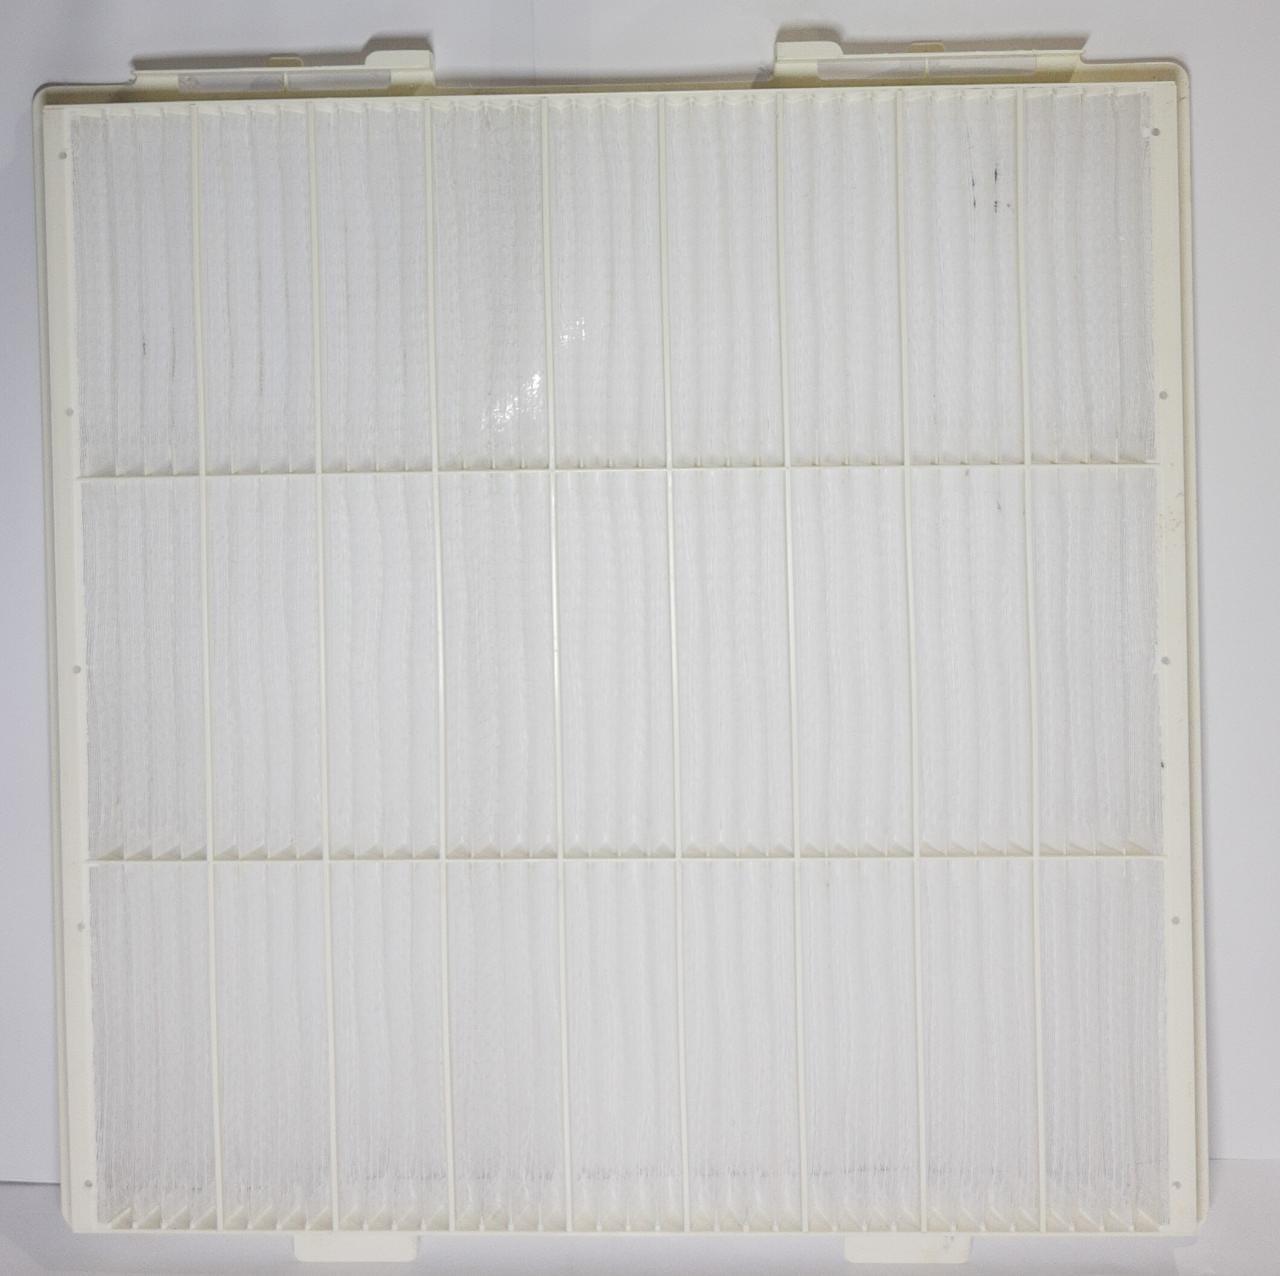 Filtro Evaporadora Cassete (K7) 24000 A 60000 Btus Elgin